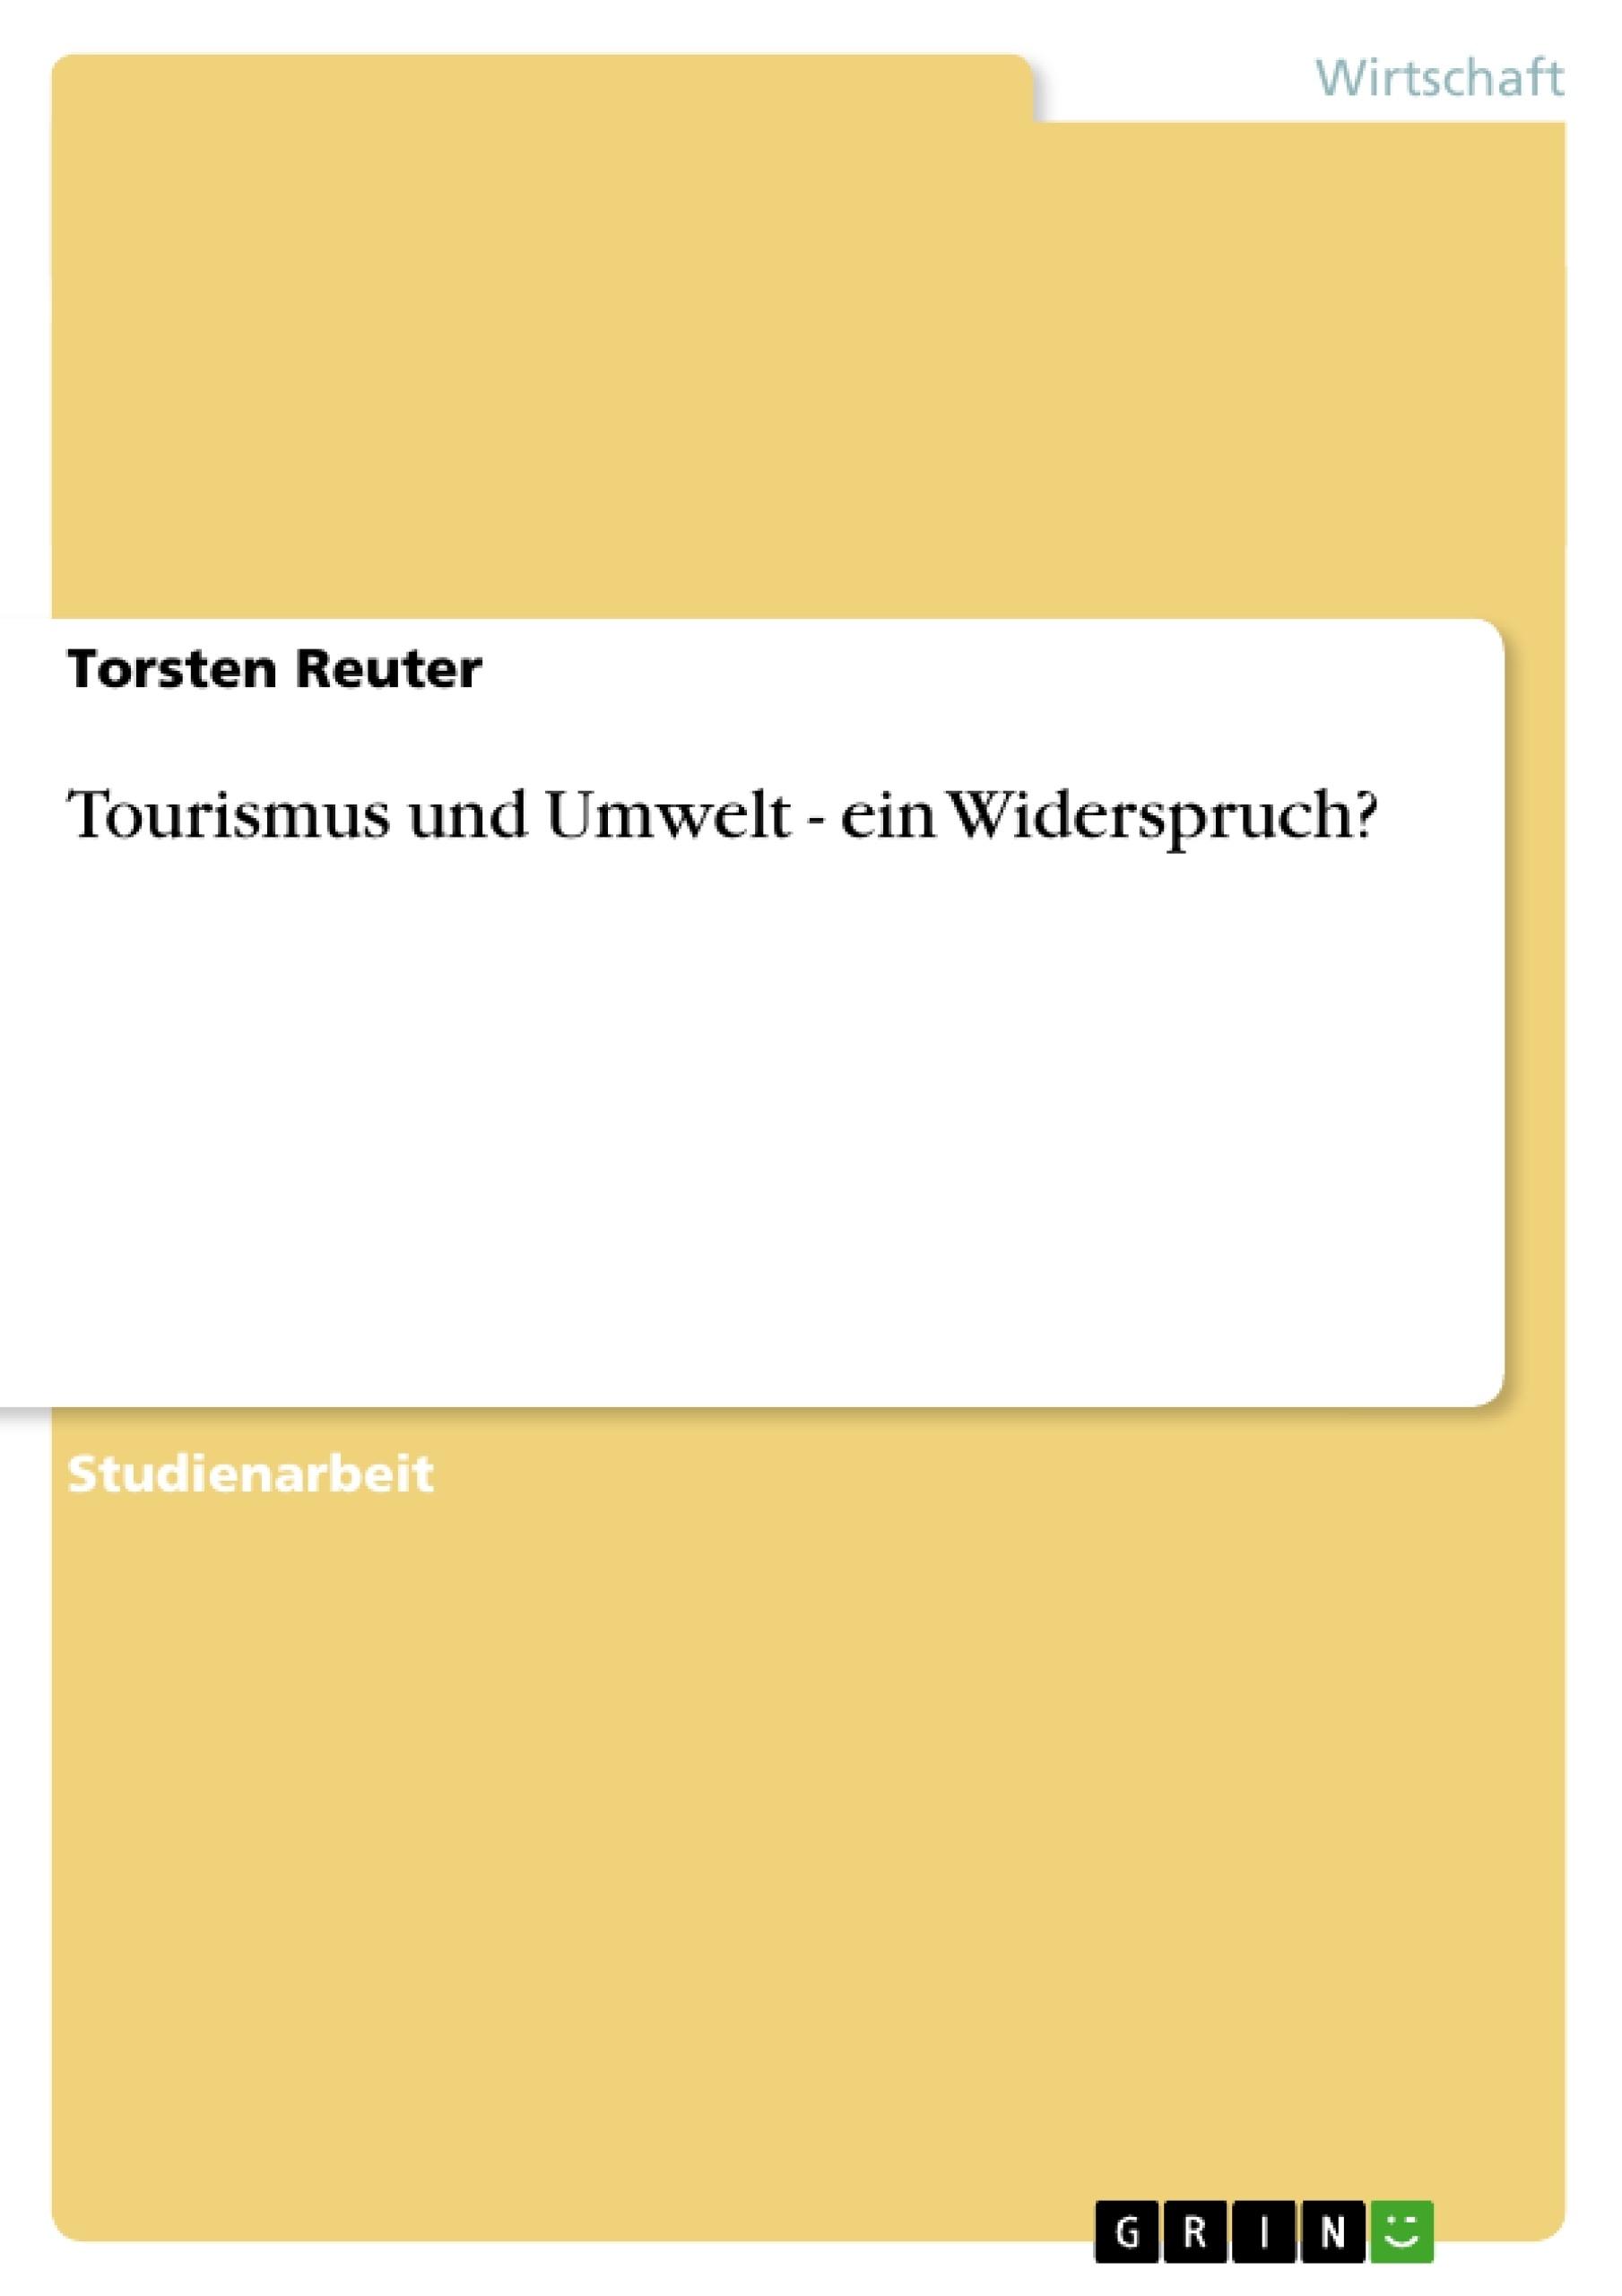 Titel: Tourismus und Umwelt - ein Widerspruch?